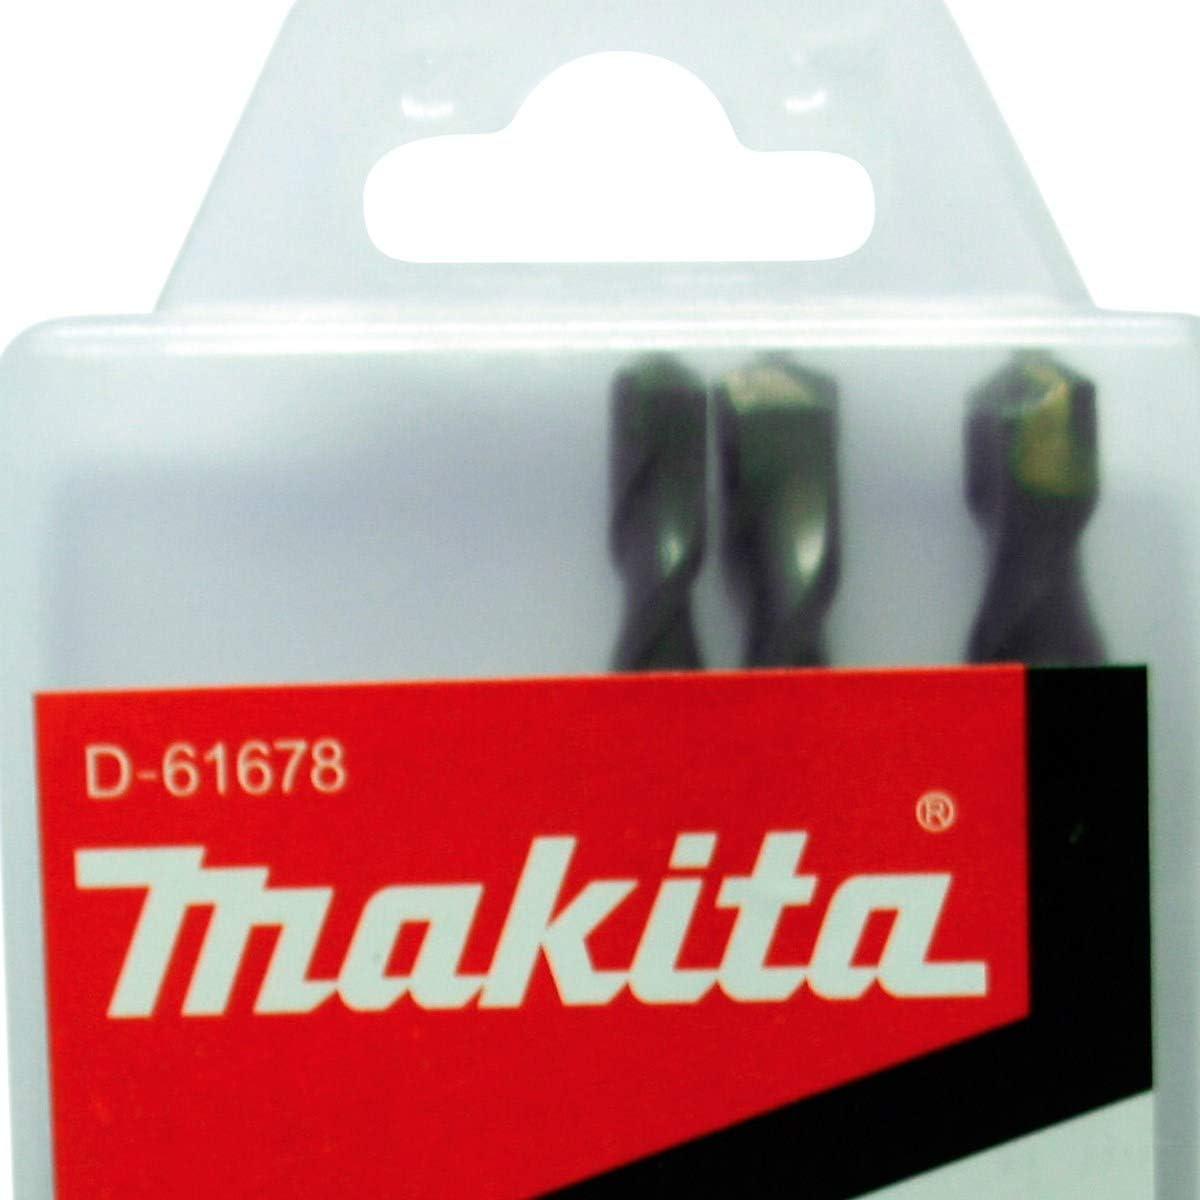 Coffret De 5 Forets Sds-plus 2 Taillants Mak 2 Makita D-61678